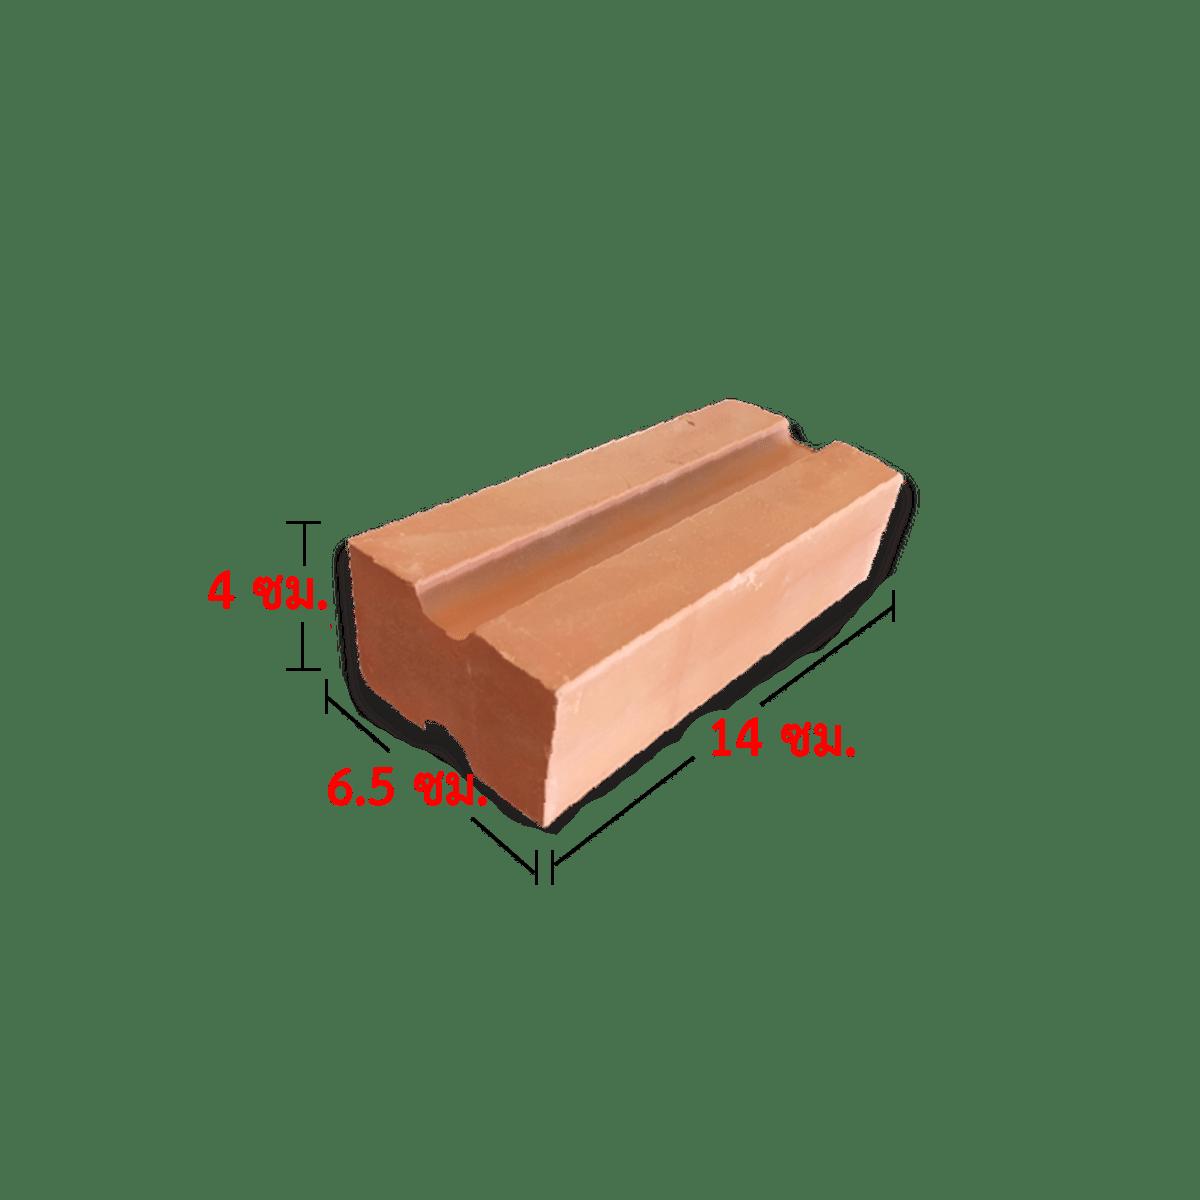 อิฐแดงโชว์ มอก.77 4x6.5x14 ซม.